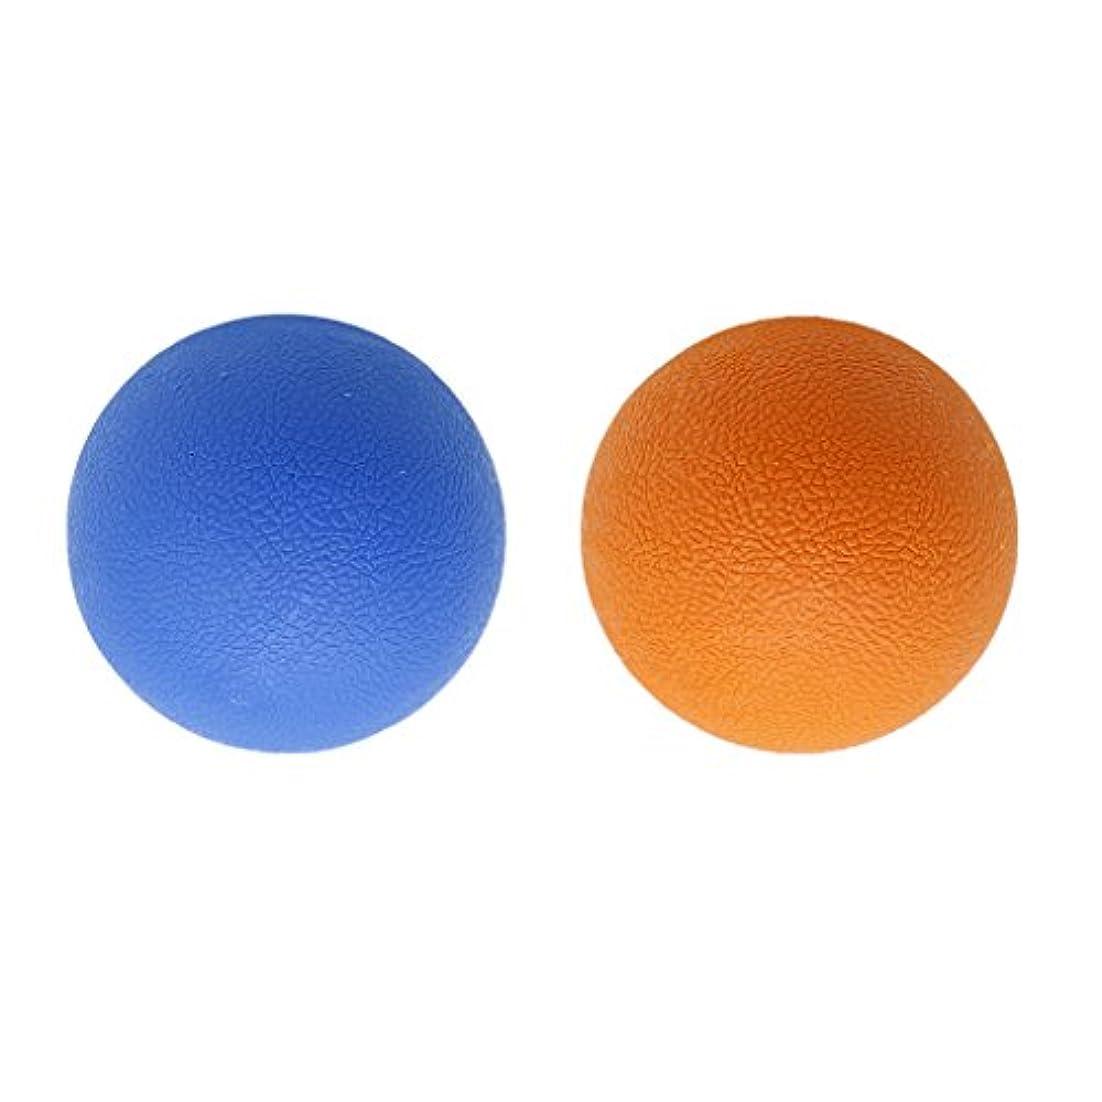 リードメディア耕すBaoblaze 2個 マッサージボール ラクロスボール トリガ ポイントマッサージ 弾性TPE 多色選べる - オレンジブルー